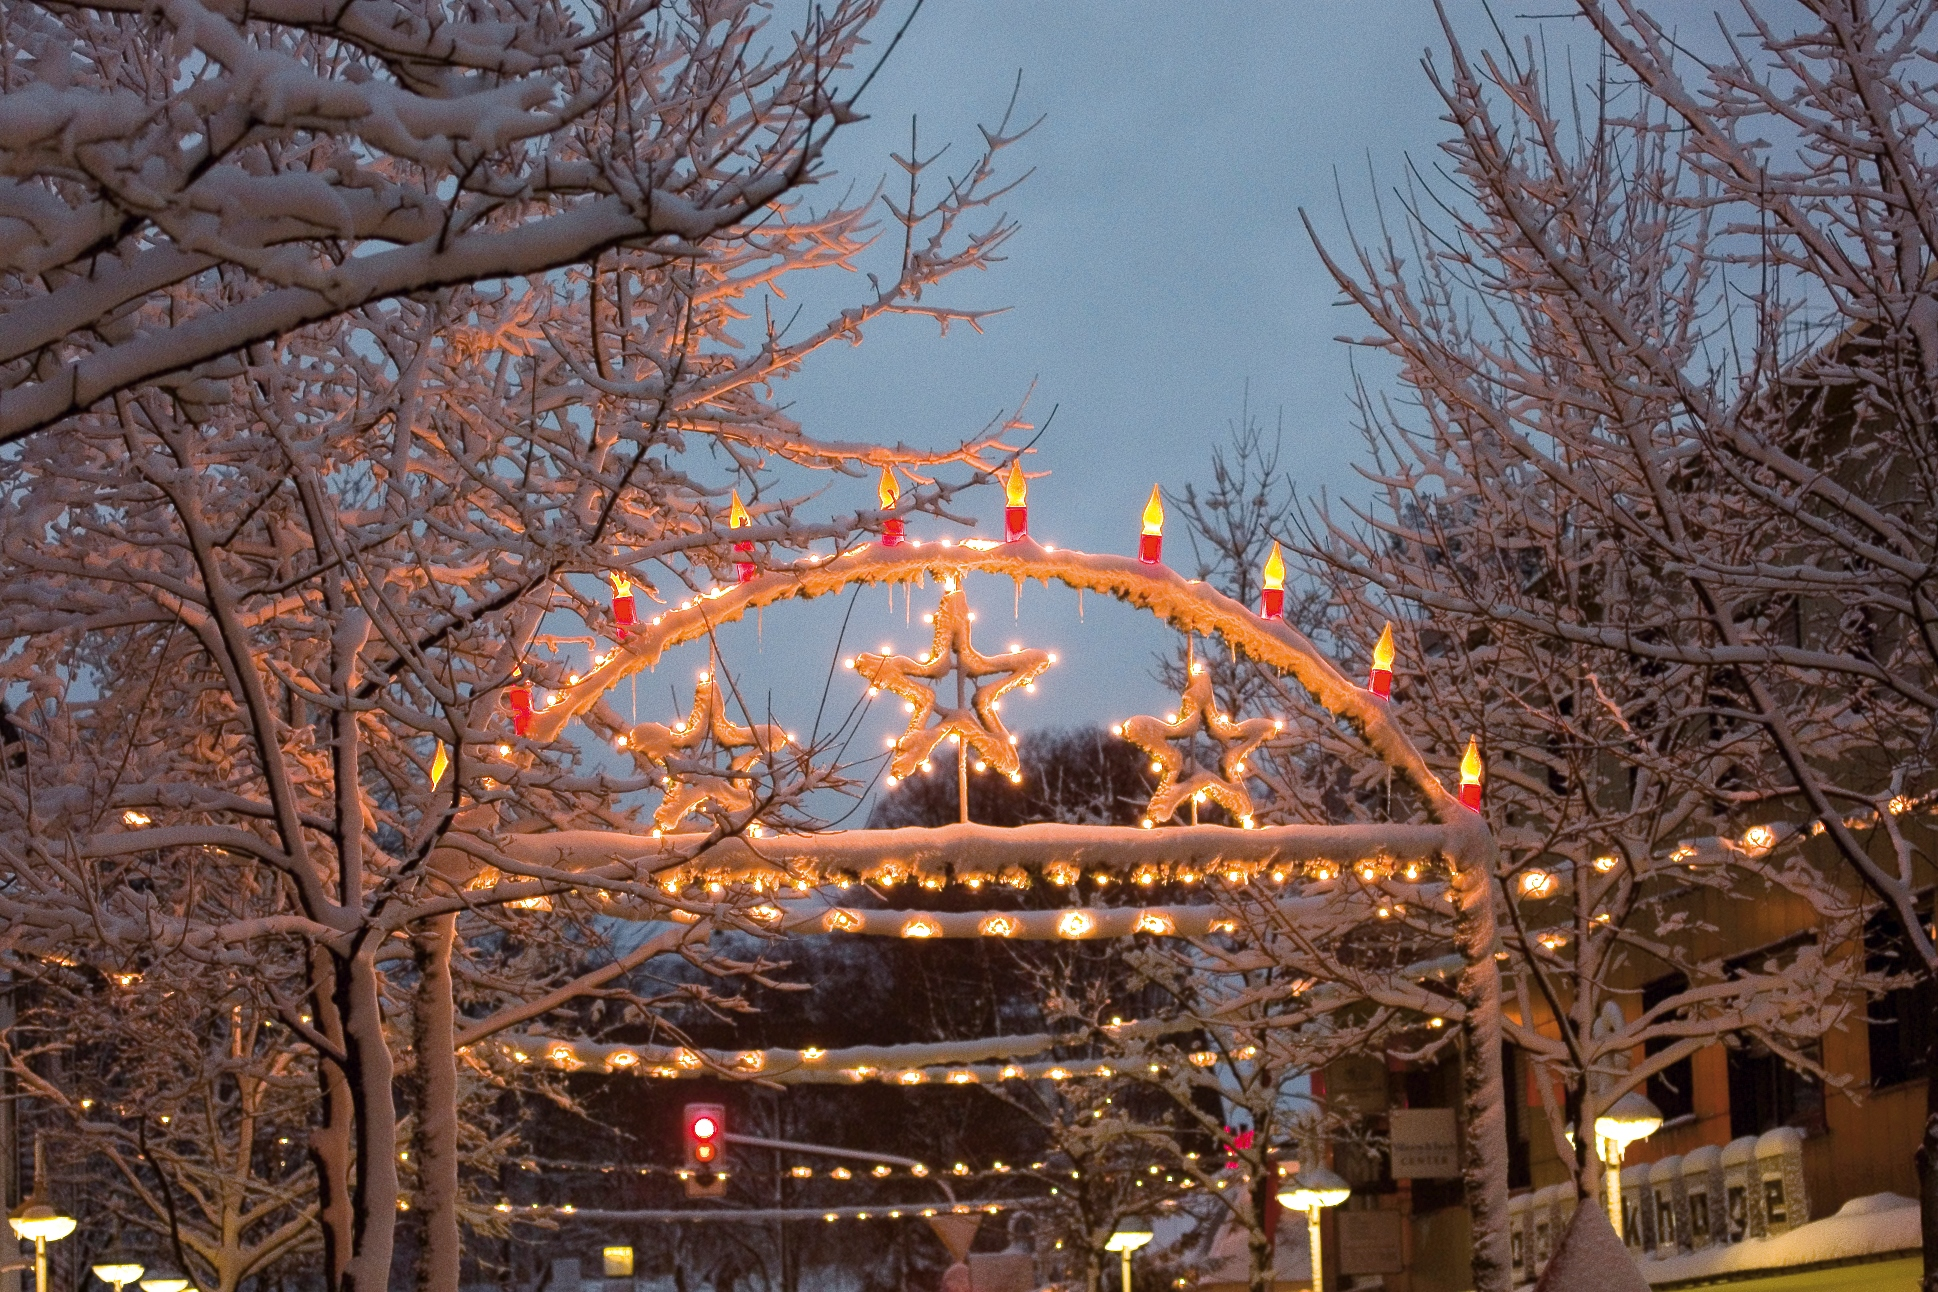 34. Halveraner Weihnachtsmarkt